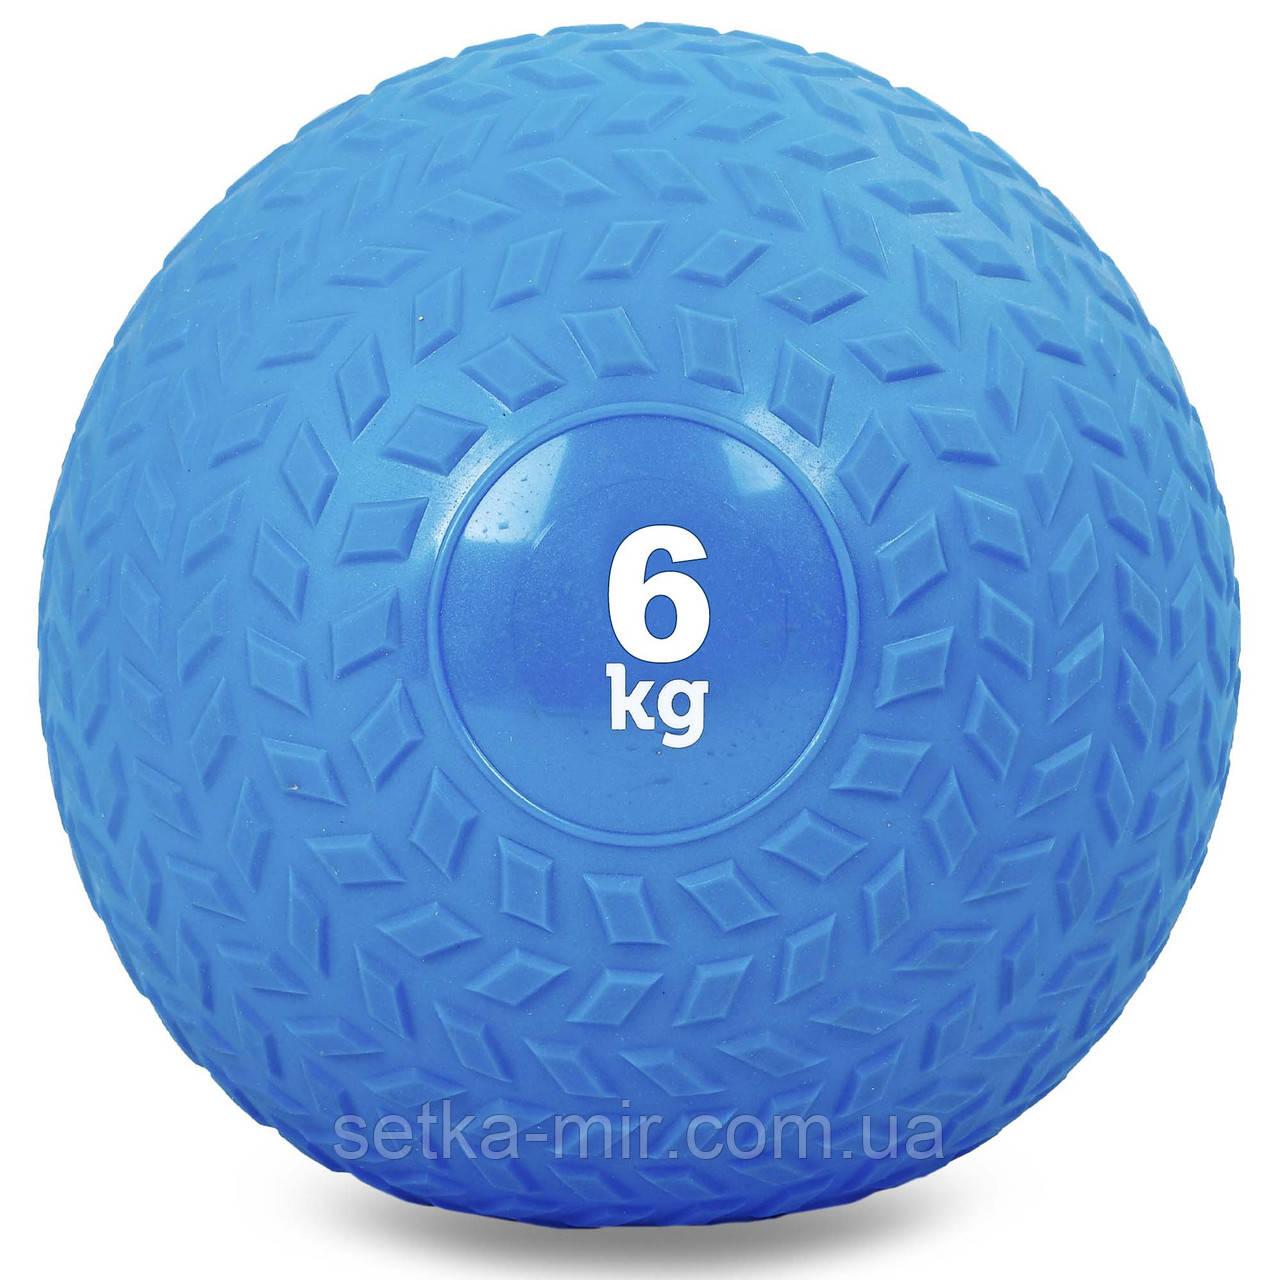 М'яч набивної слембол для кроссфіта рифлений Record SLAM BALL FI-5729-6 6кг